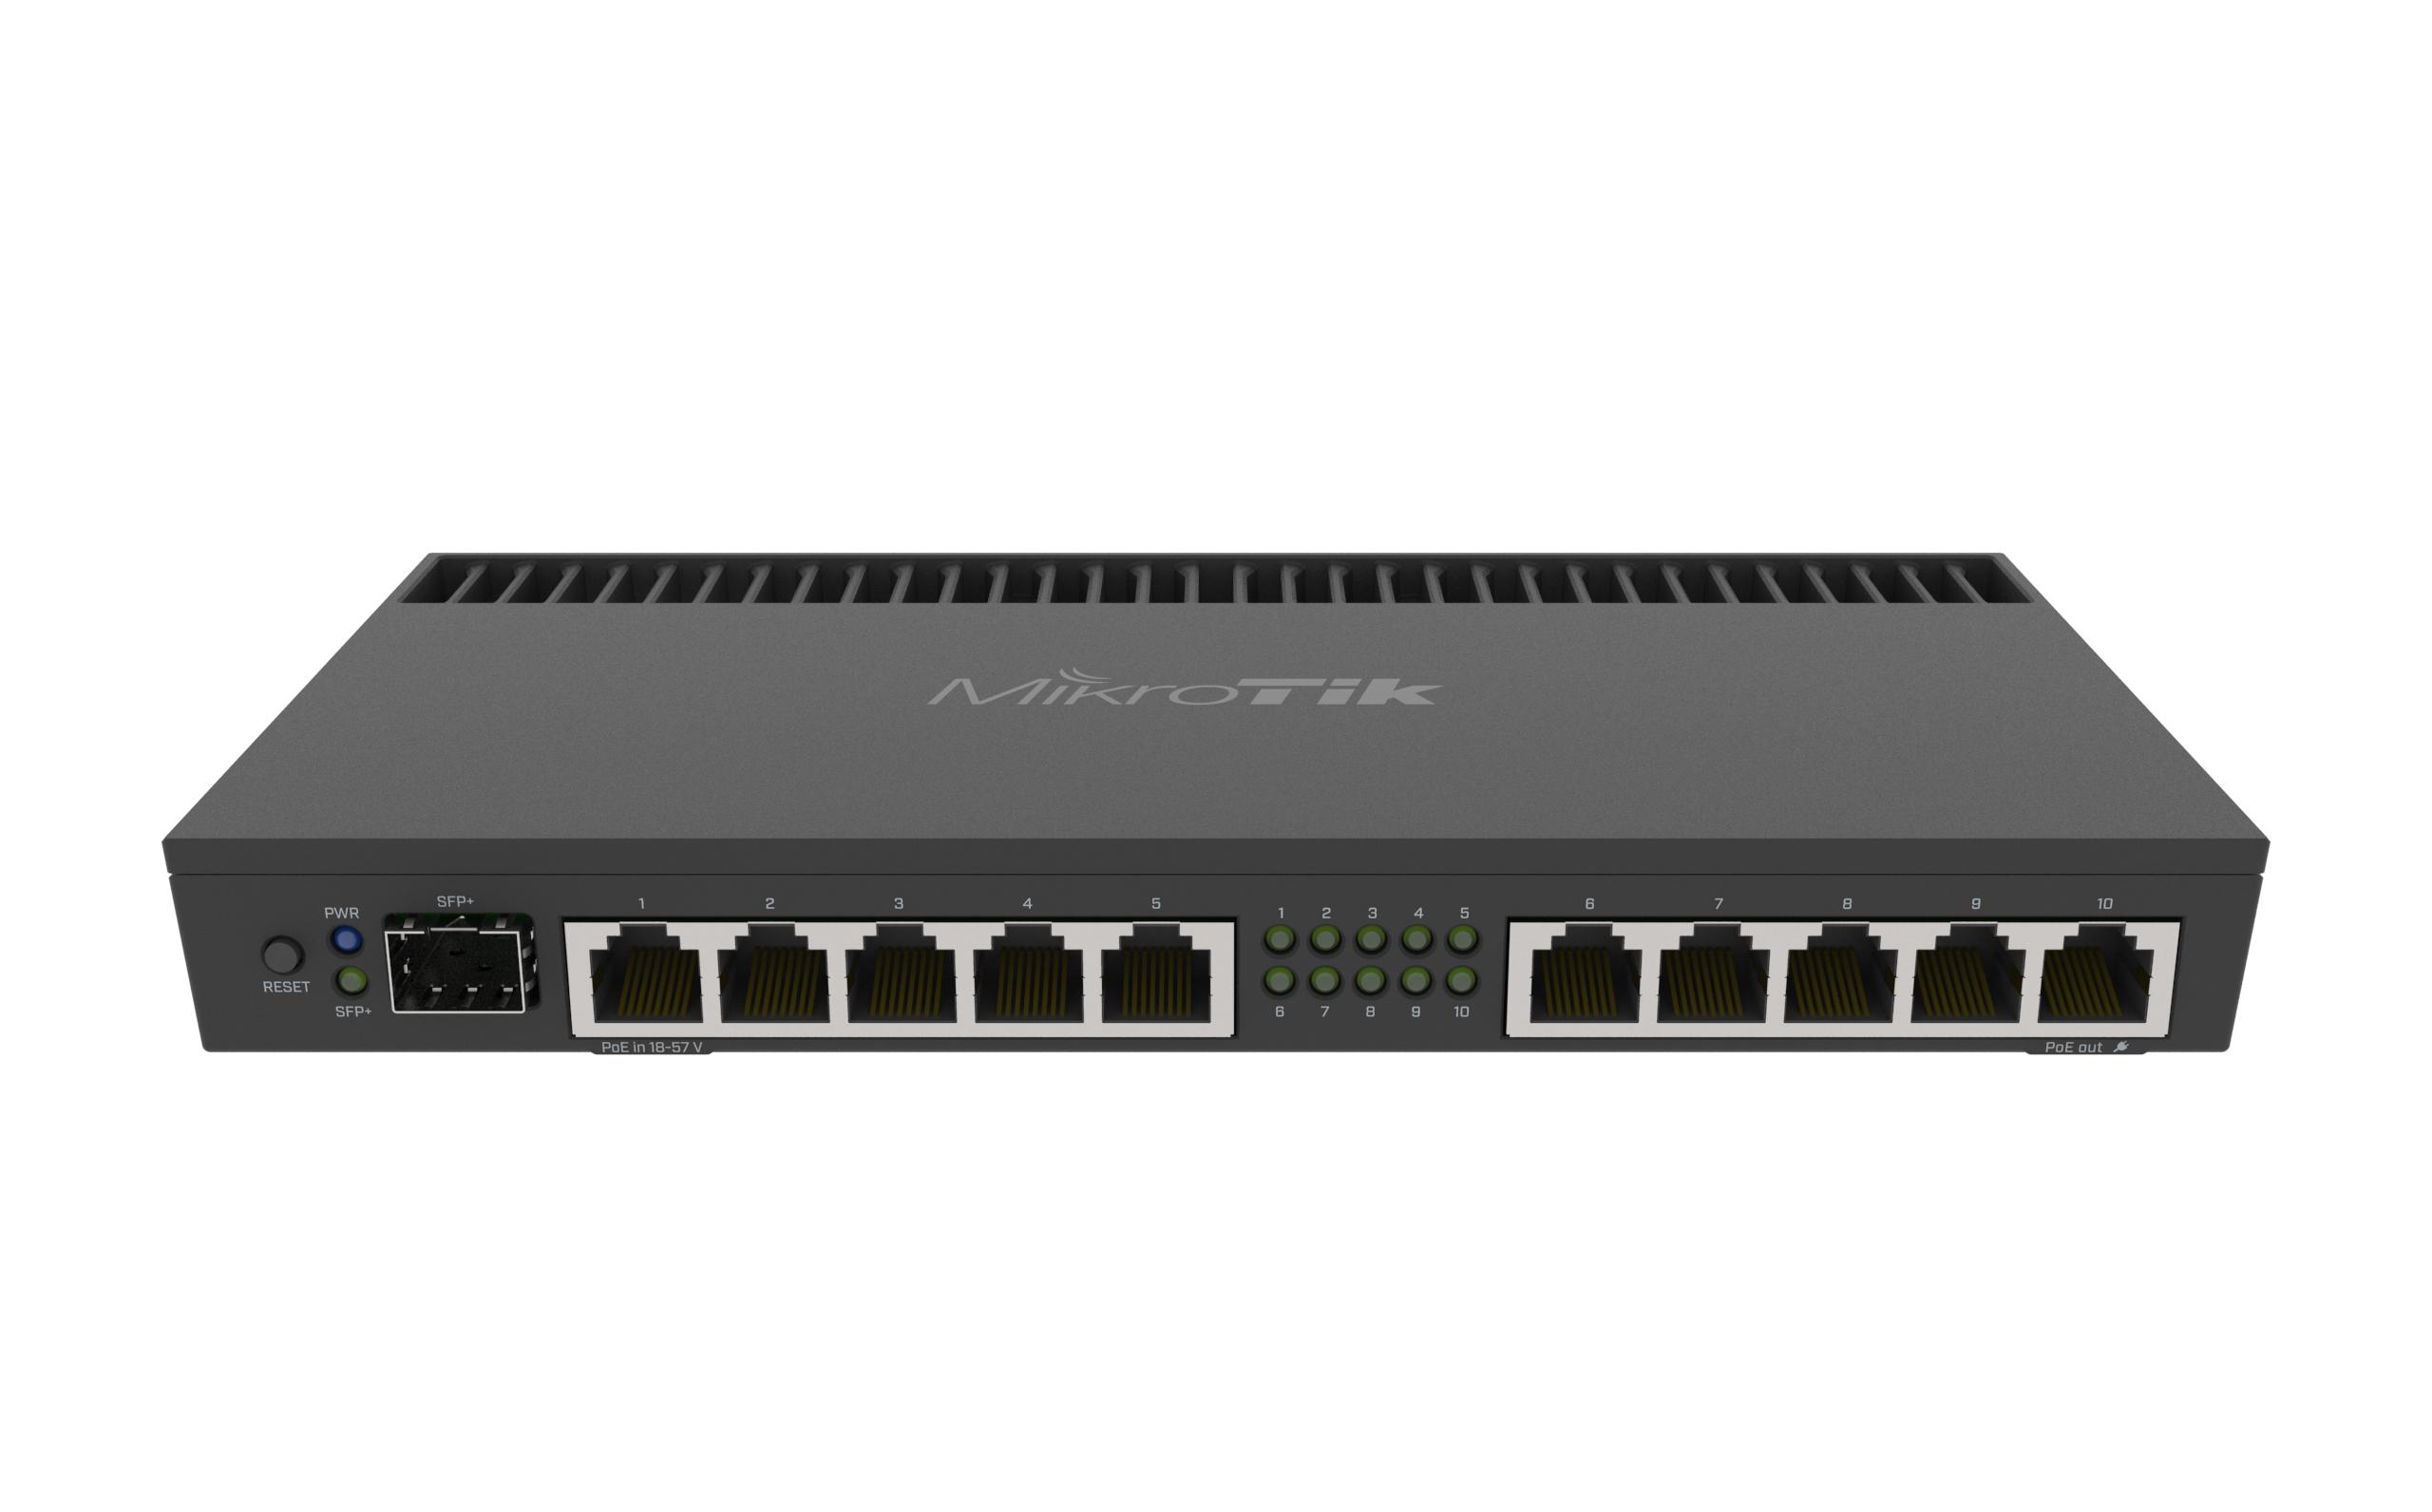 RB4011iGSPlusRM Mikrotik Mikrotik RB4011iGS+RM 10xGbit LAN,1xSFP+ , L5, LCD, 1U, Rack Mount Router / Firewall / Hotspot